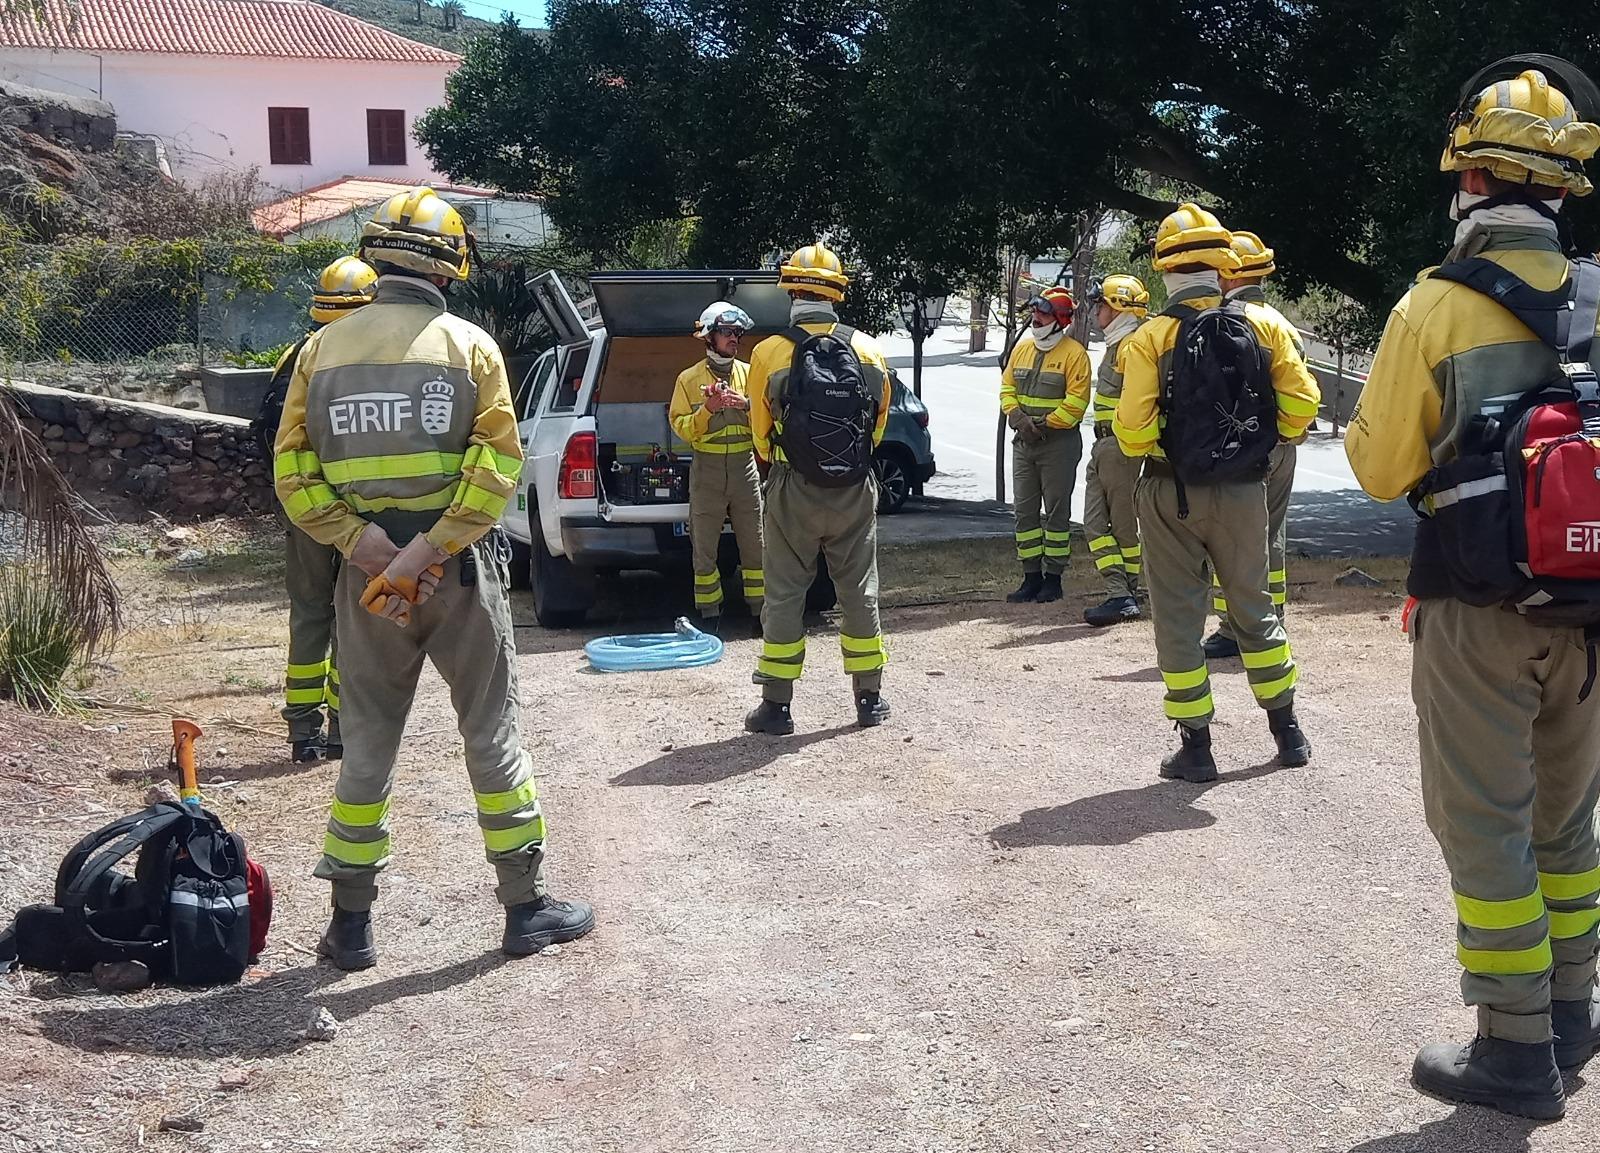 El Gobierno de Canarias aprueba el traslado a Alajeró de la base EIRIF de La Gomera